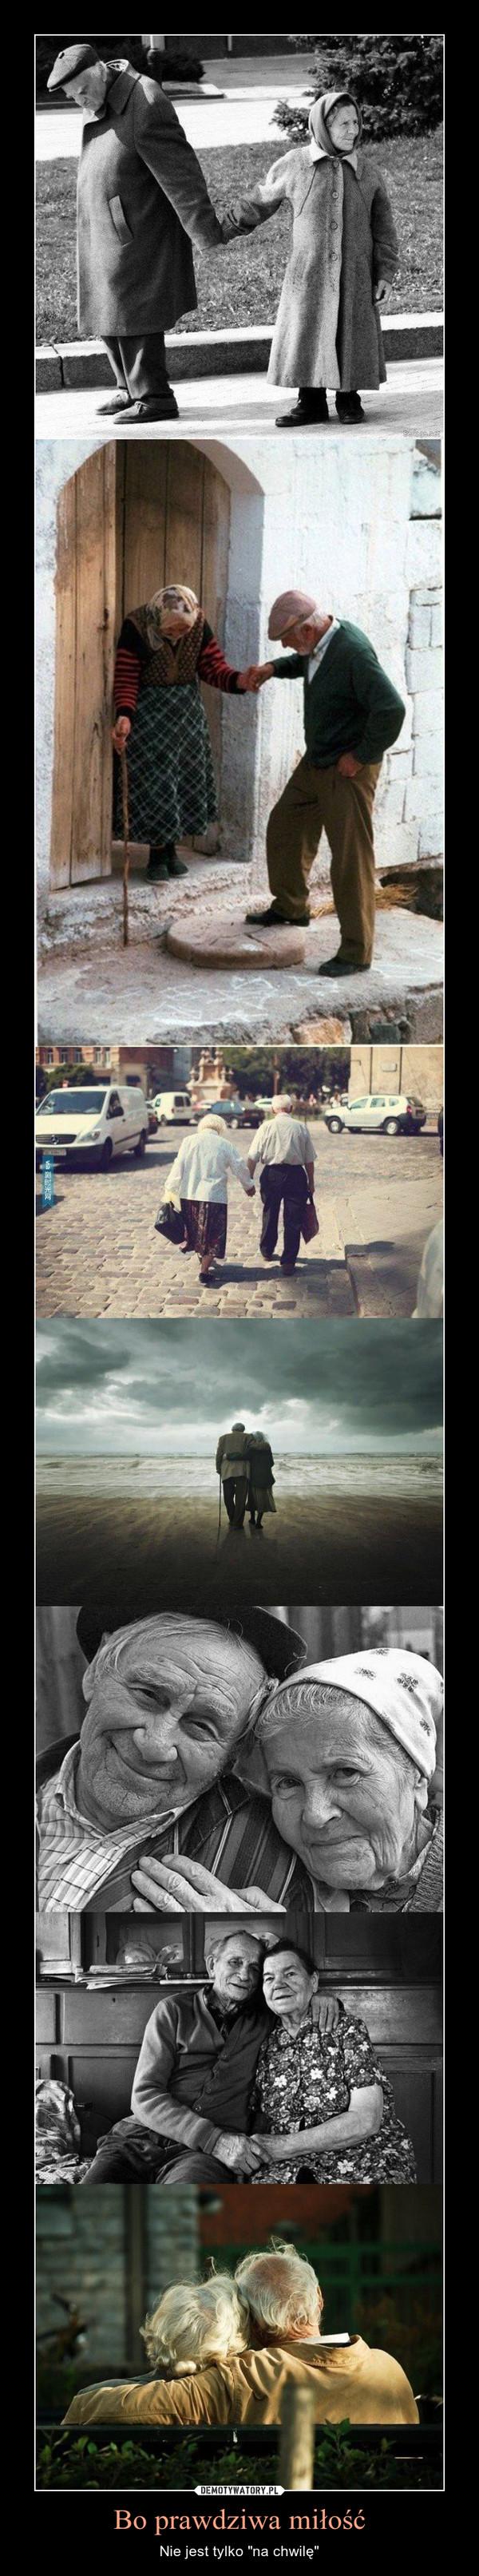 """Bo prawdziwa miłość – Nie jest tylko """"na chwilę"""""""